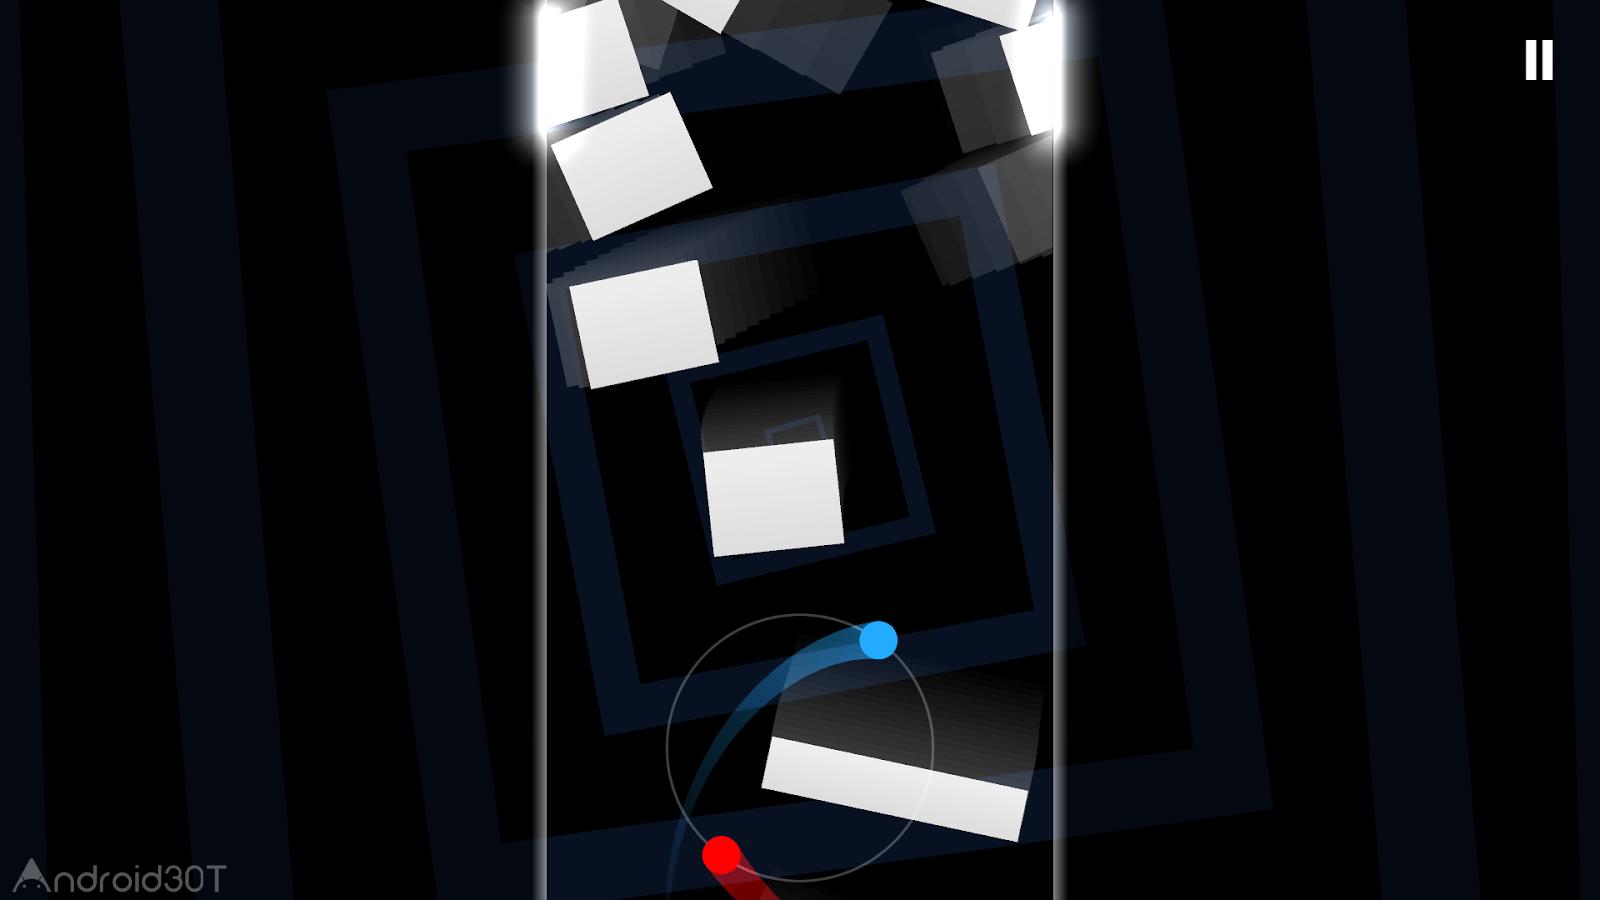 دانلود Duet 3.17 – بازی سرگرم کننده دوئت اندروید